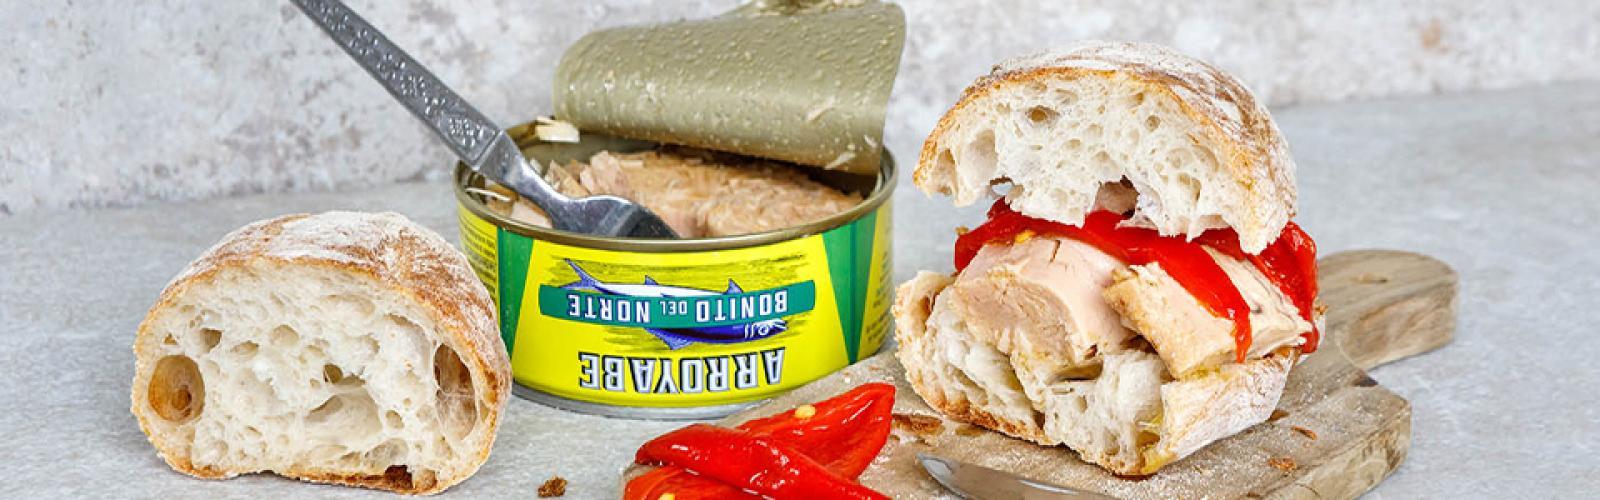 Arroyabe Bonito Tuna in Olive Oil 260g